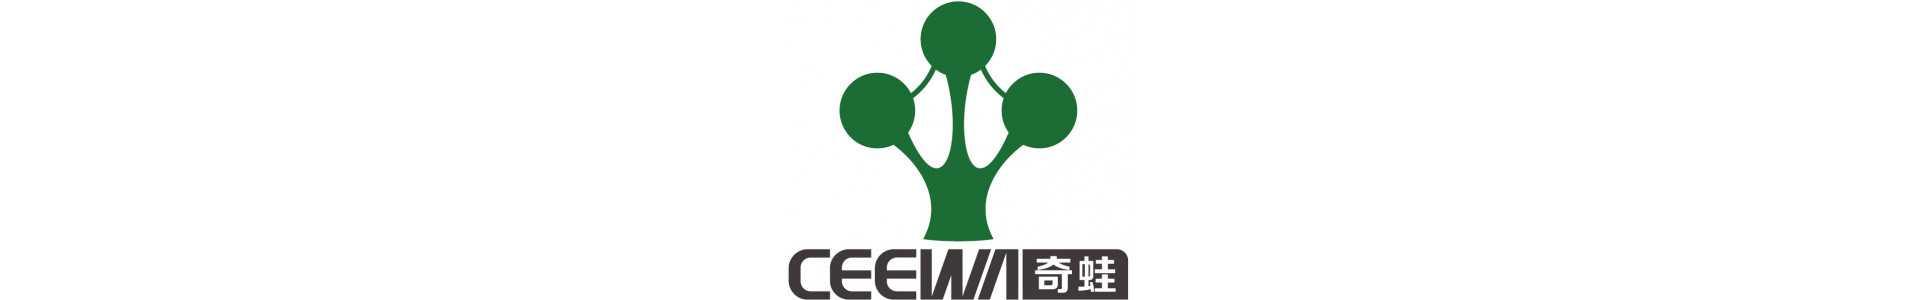 Ricambi per CEEWA